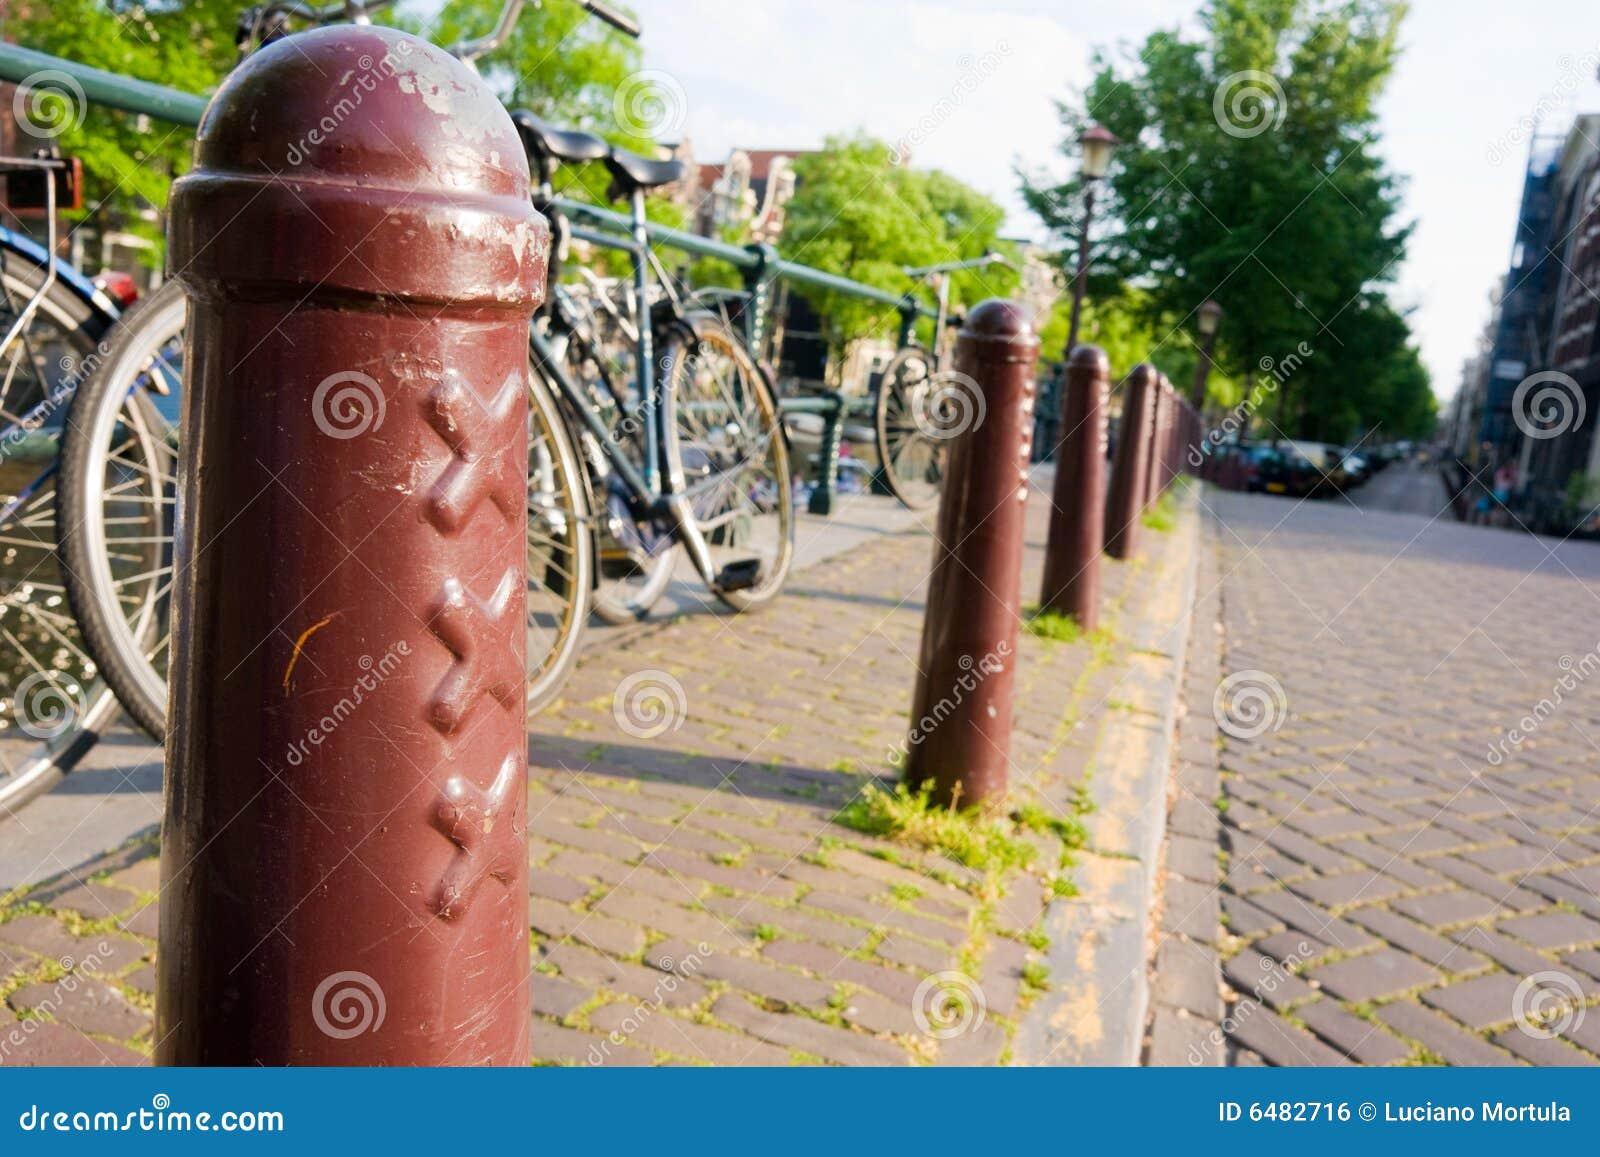 Amsterdam Roweru Filary Street Xxx Zdjęcie Stock - Obraz